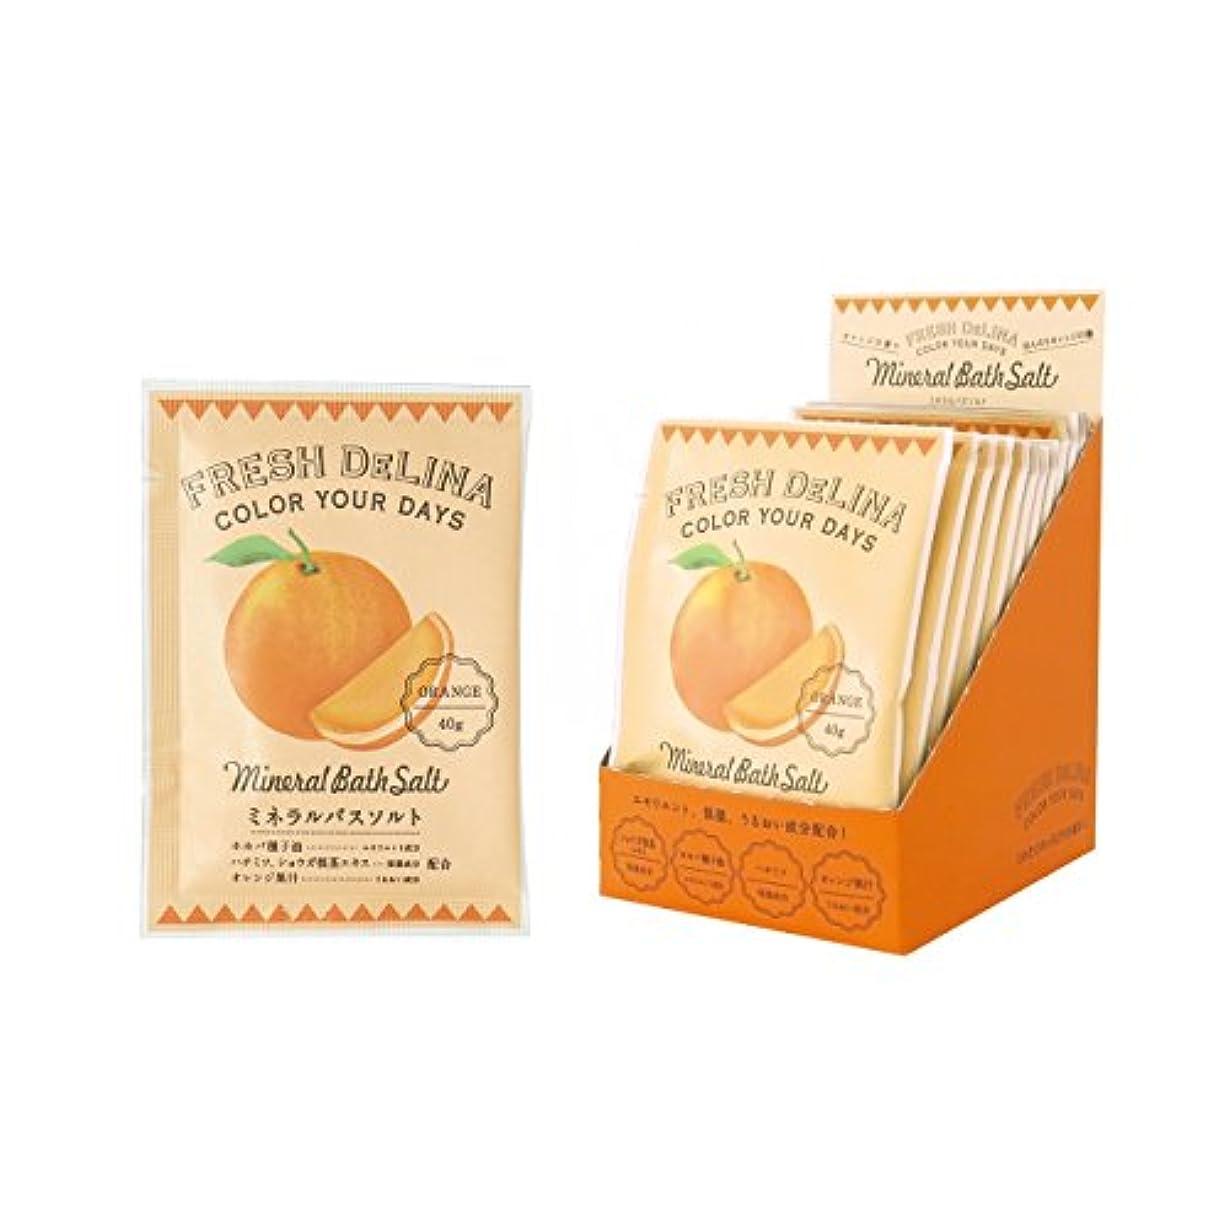 事業内容静脈流行しているフレッシュデリーナ ミネラルバスソルト40g(オレンジ) 12個 (海塩タイプ入浴料 日本製 フレッシュな柑橘系の香り)